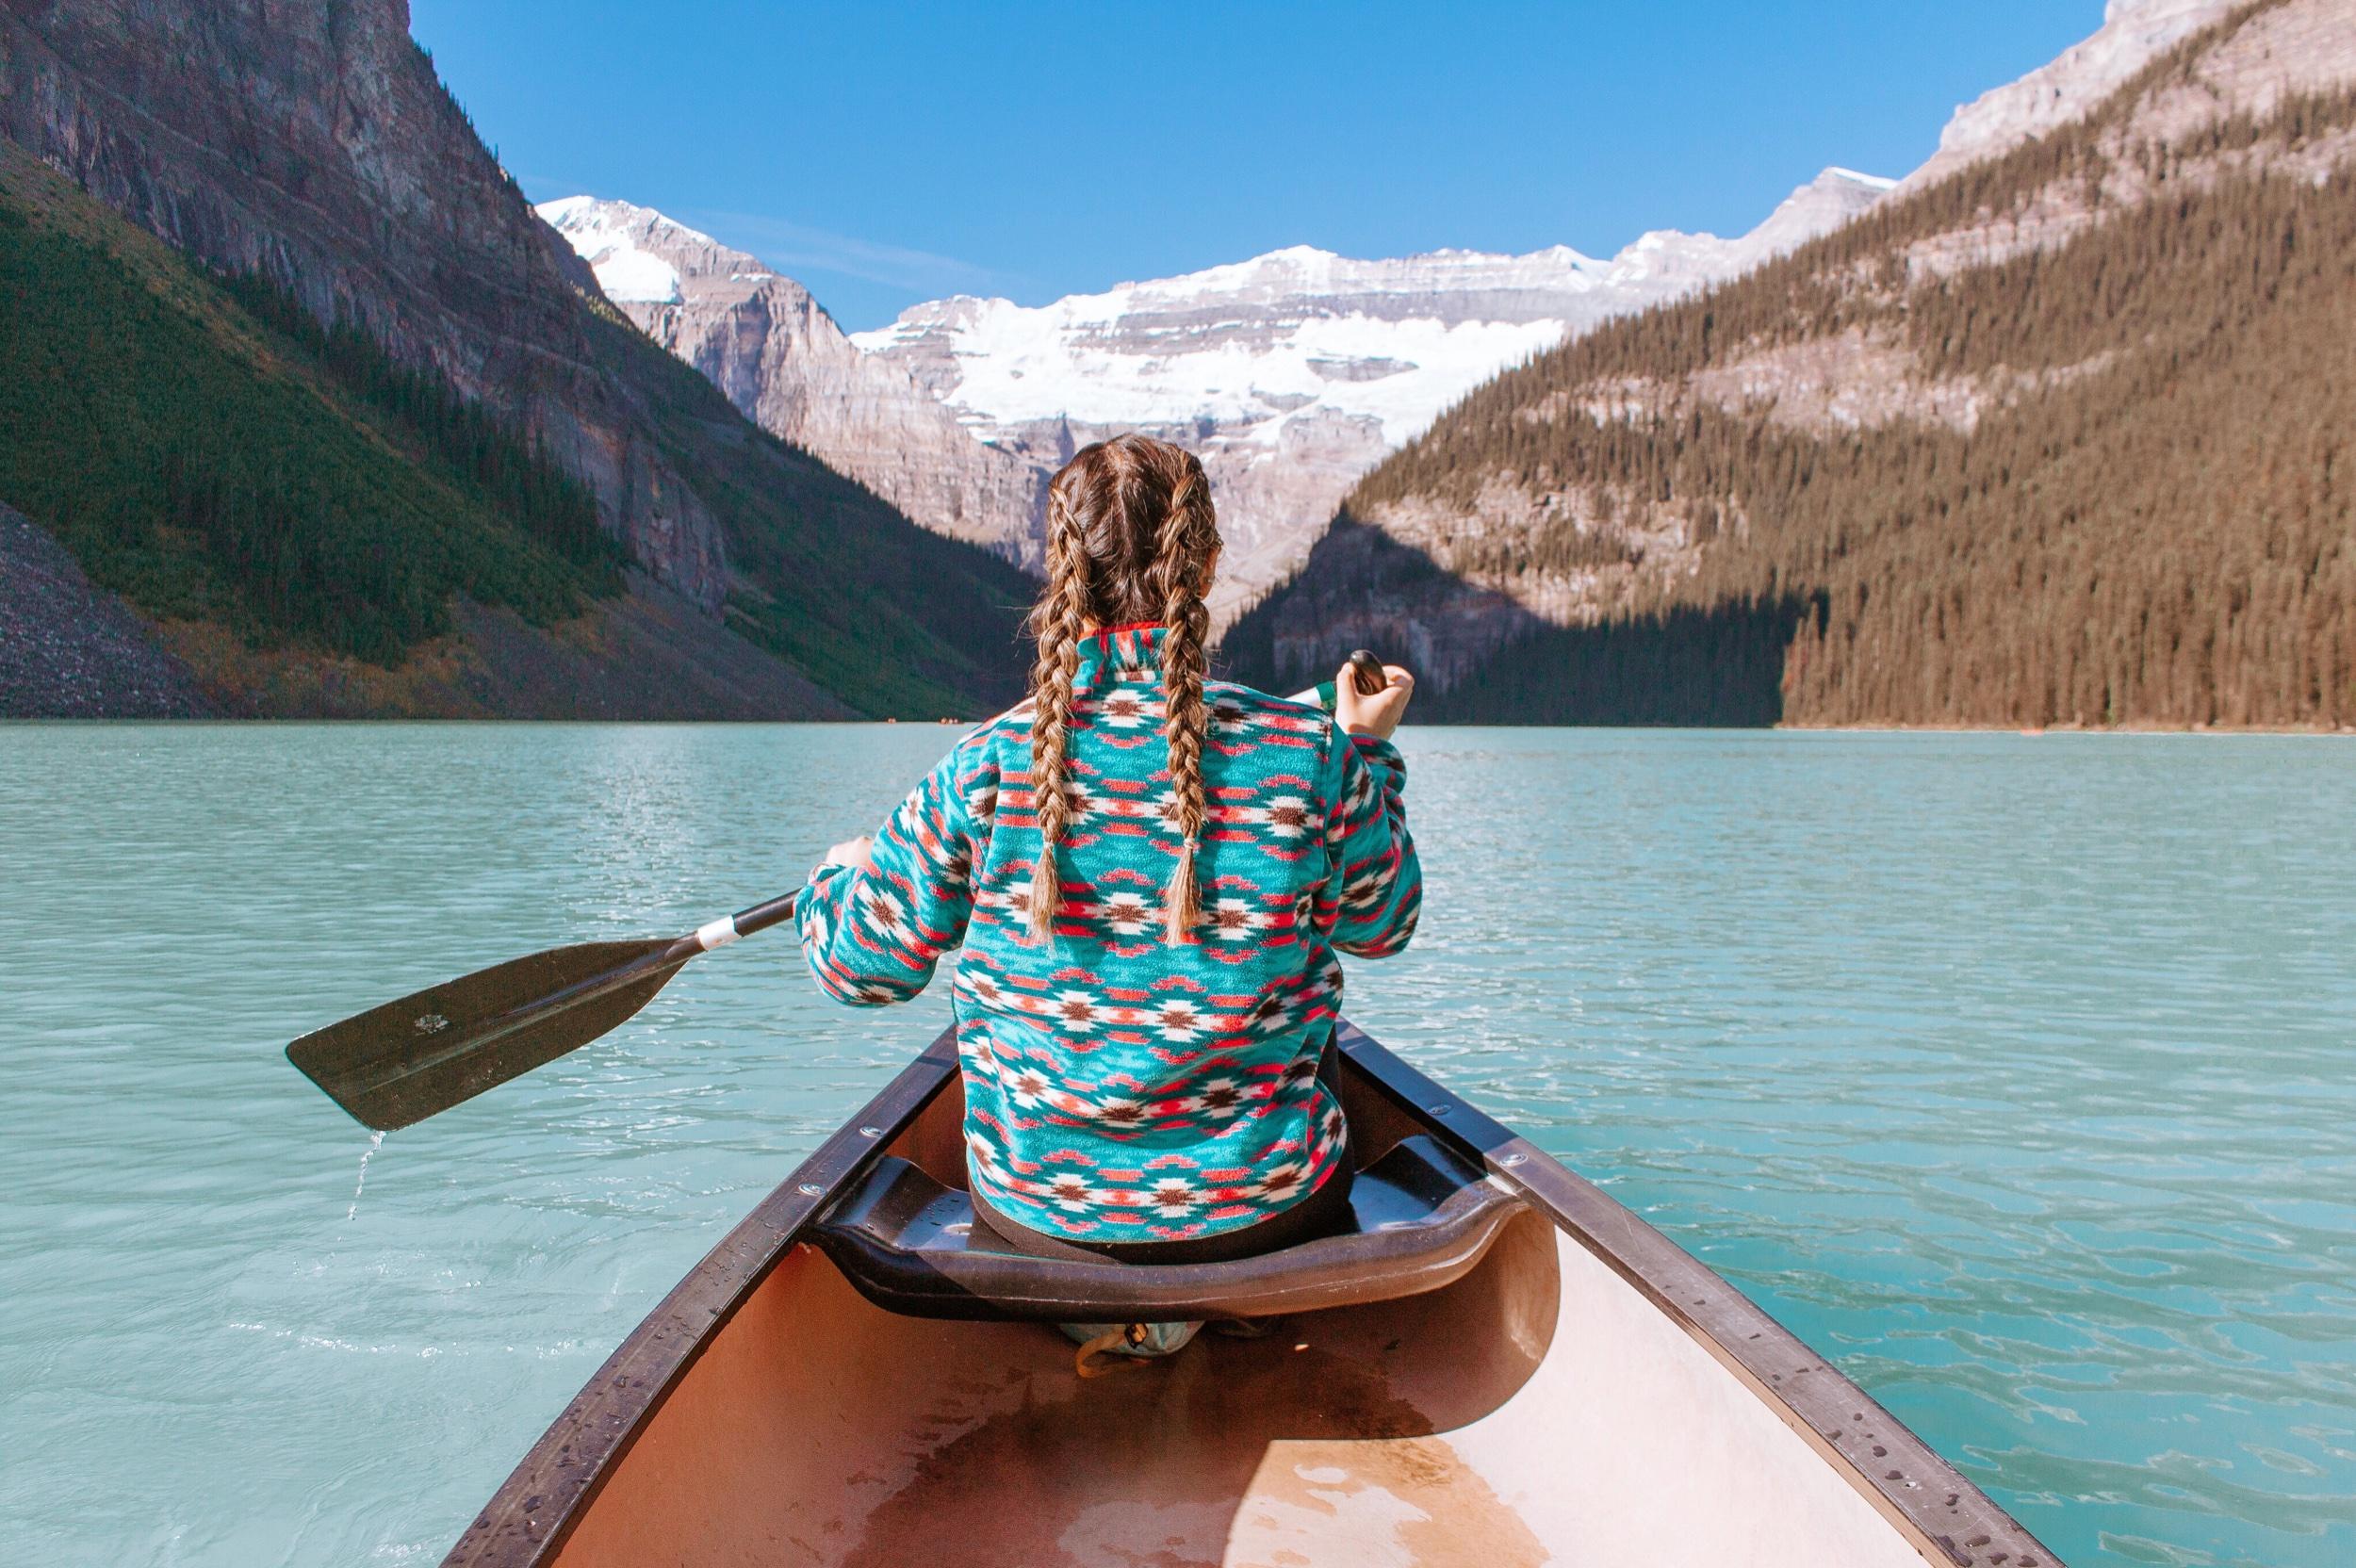 Canoeing at Lake Louise